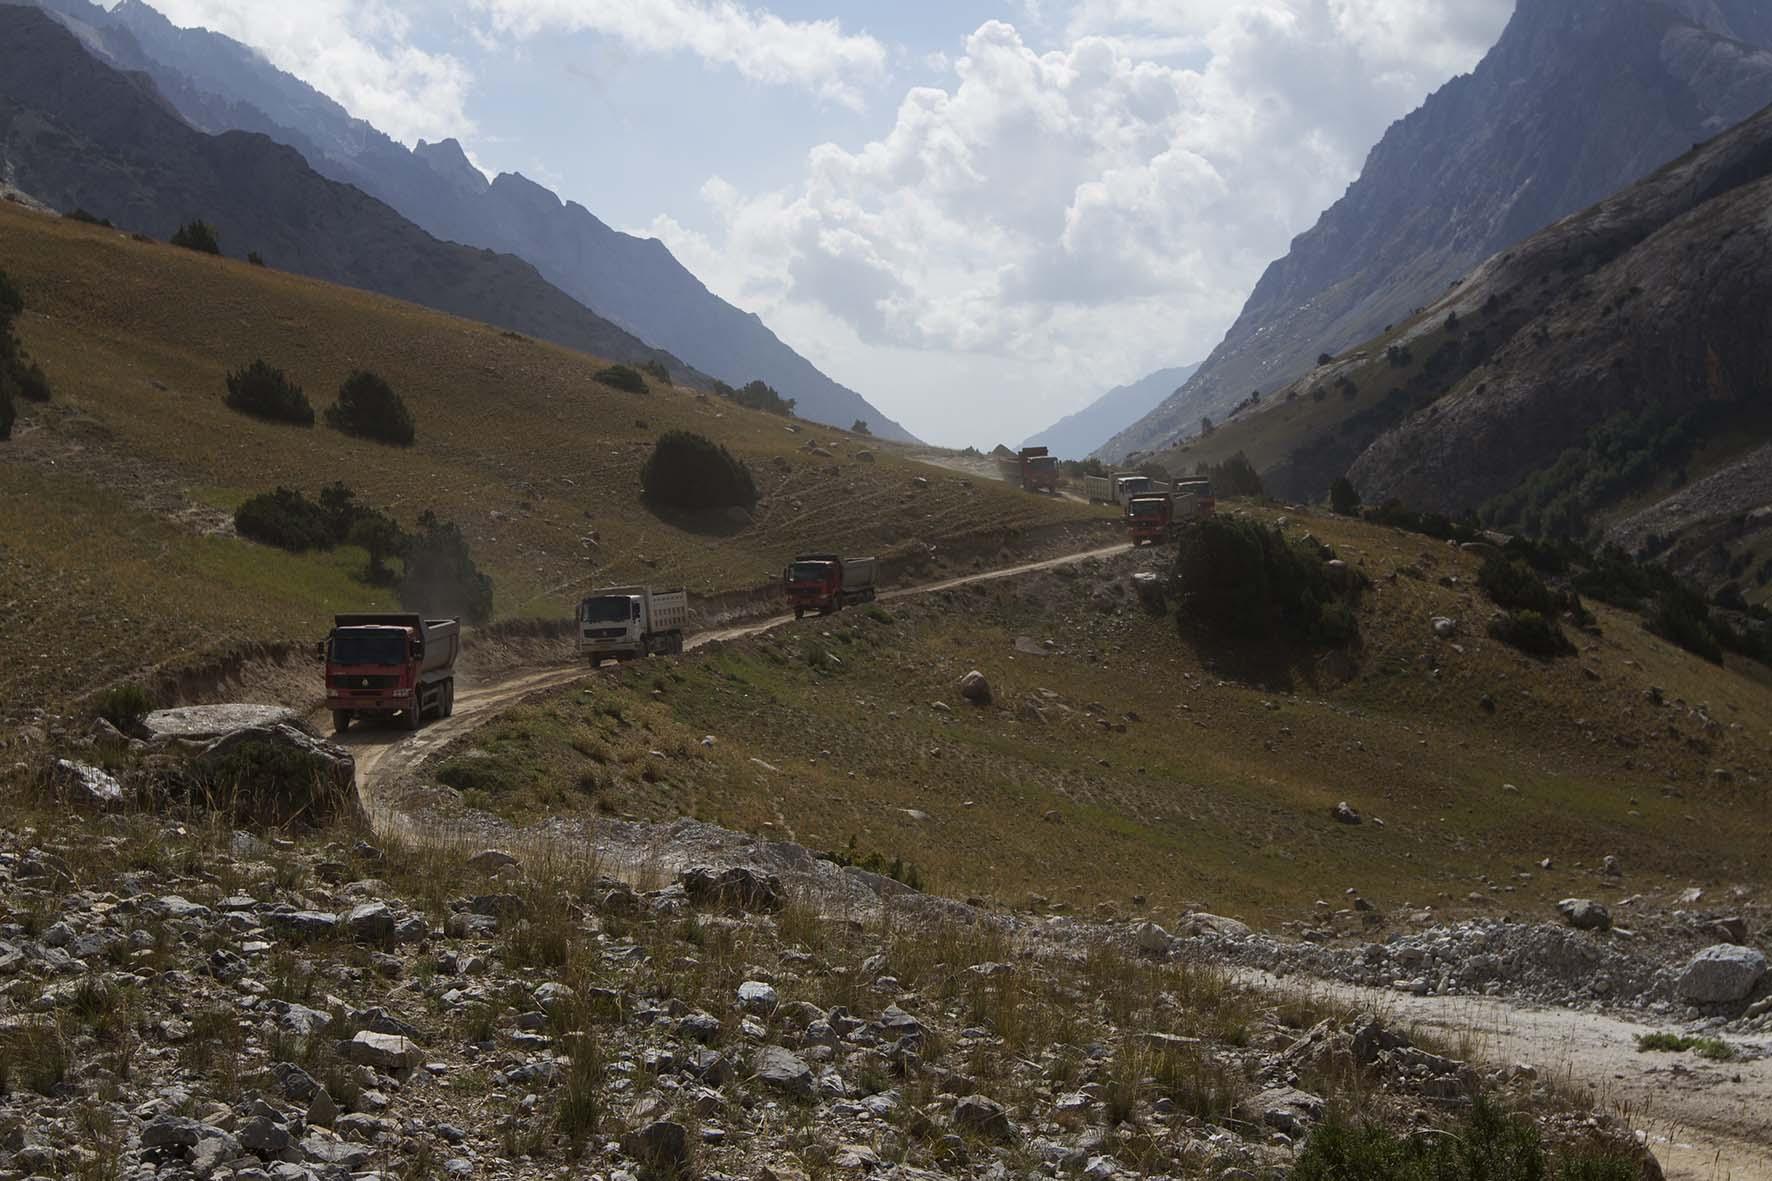 автомобильная дорога в долине р. Кек-су